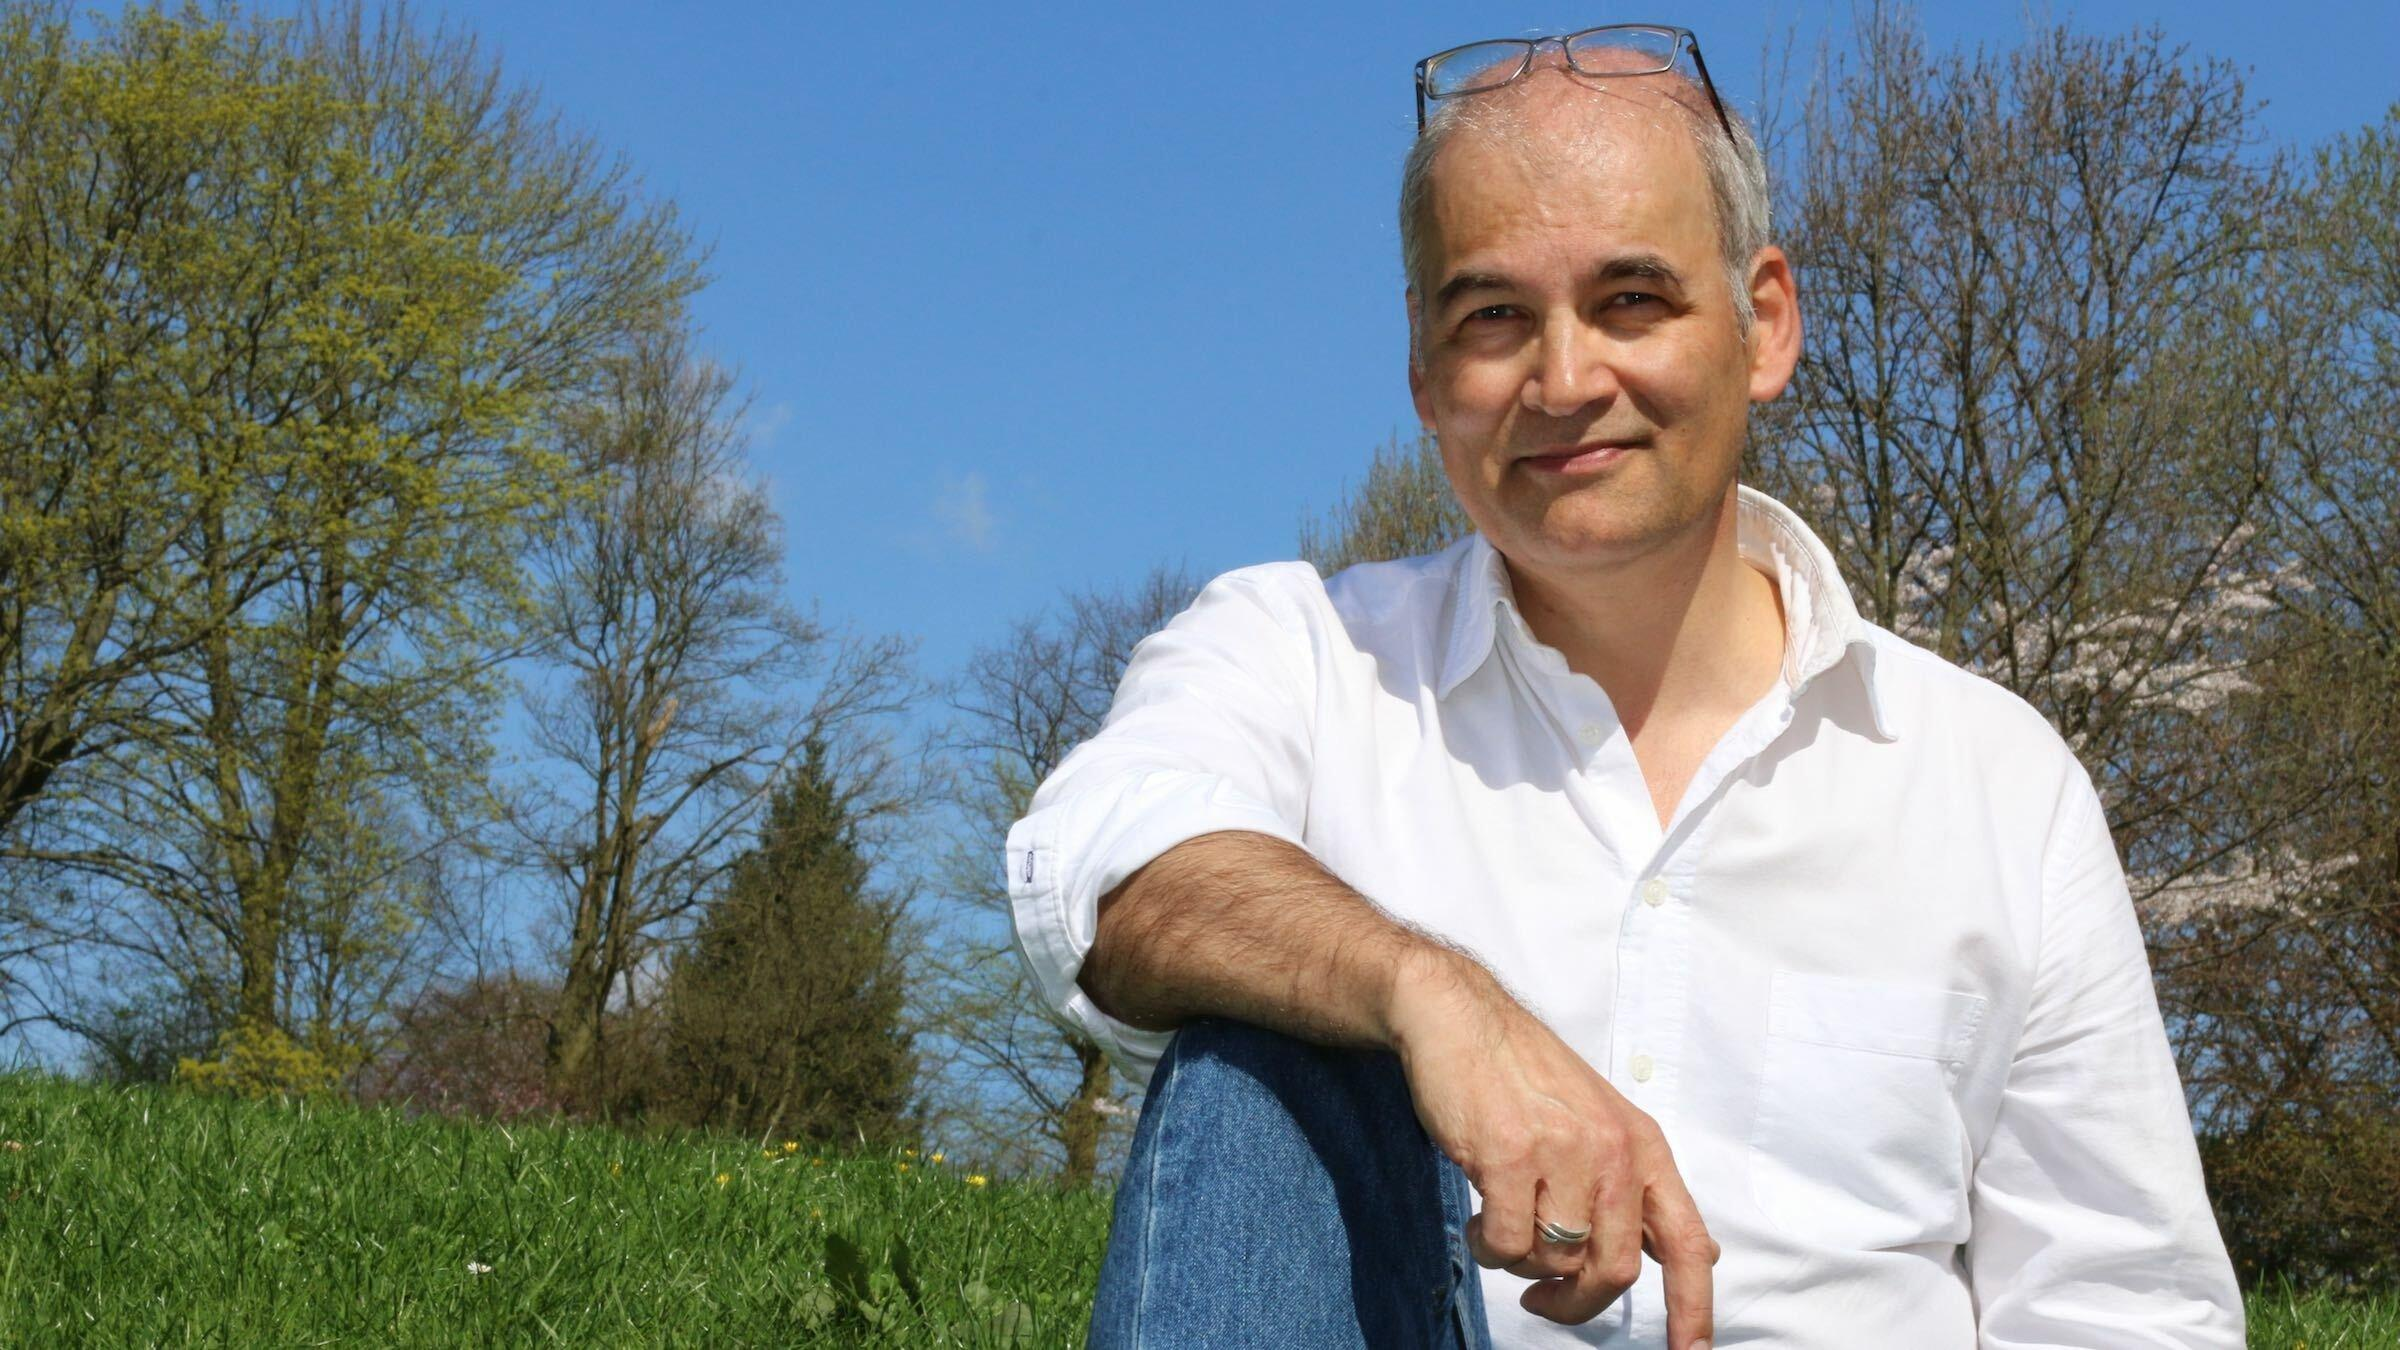 Der Journalist Christopher Schrader sitzt im weißen Hemd und Jeans auf einer Blumenwiese in einem Park am Elbhang. Er hat die Brille auf die Stirn geschoben, der rechte Arm liegt auf dem aufgestellten Knie.